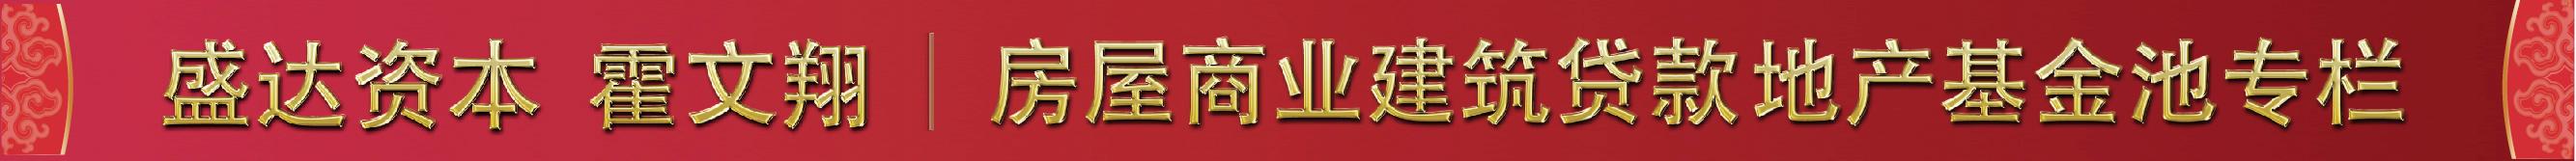 霍文翔通栏地产专栏-01.jpg